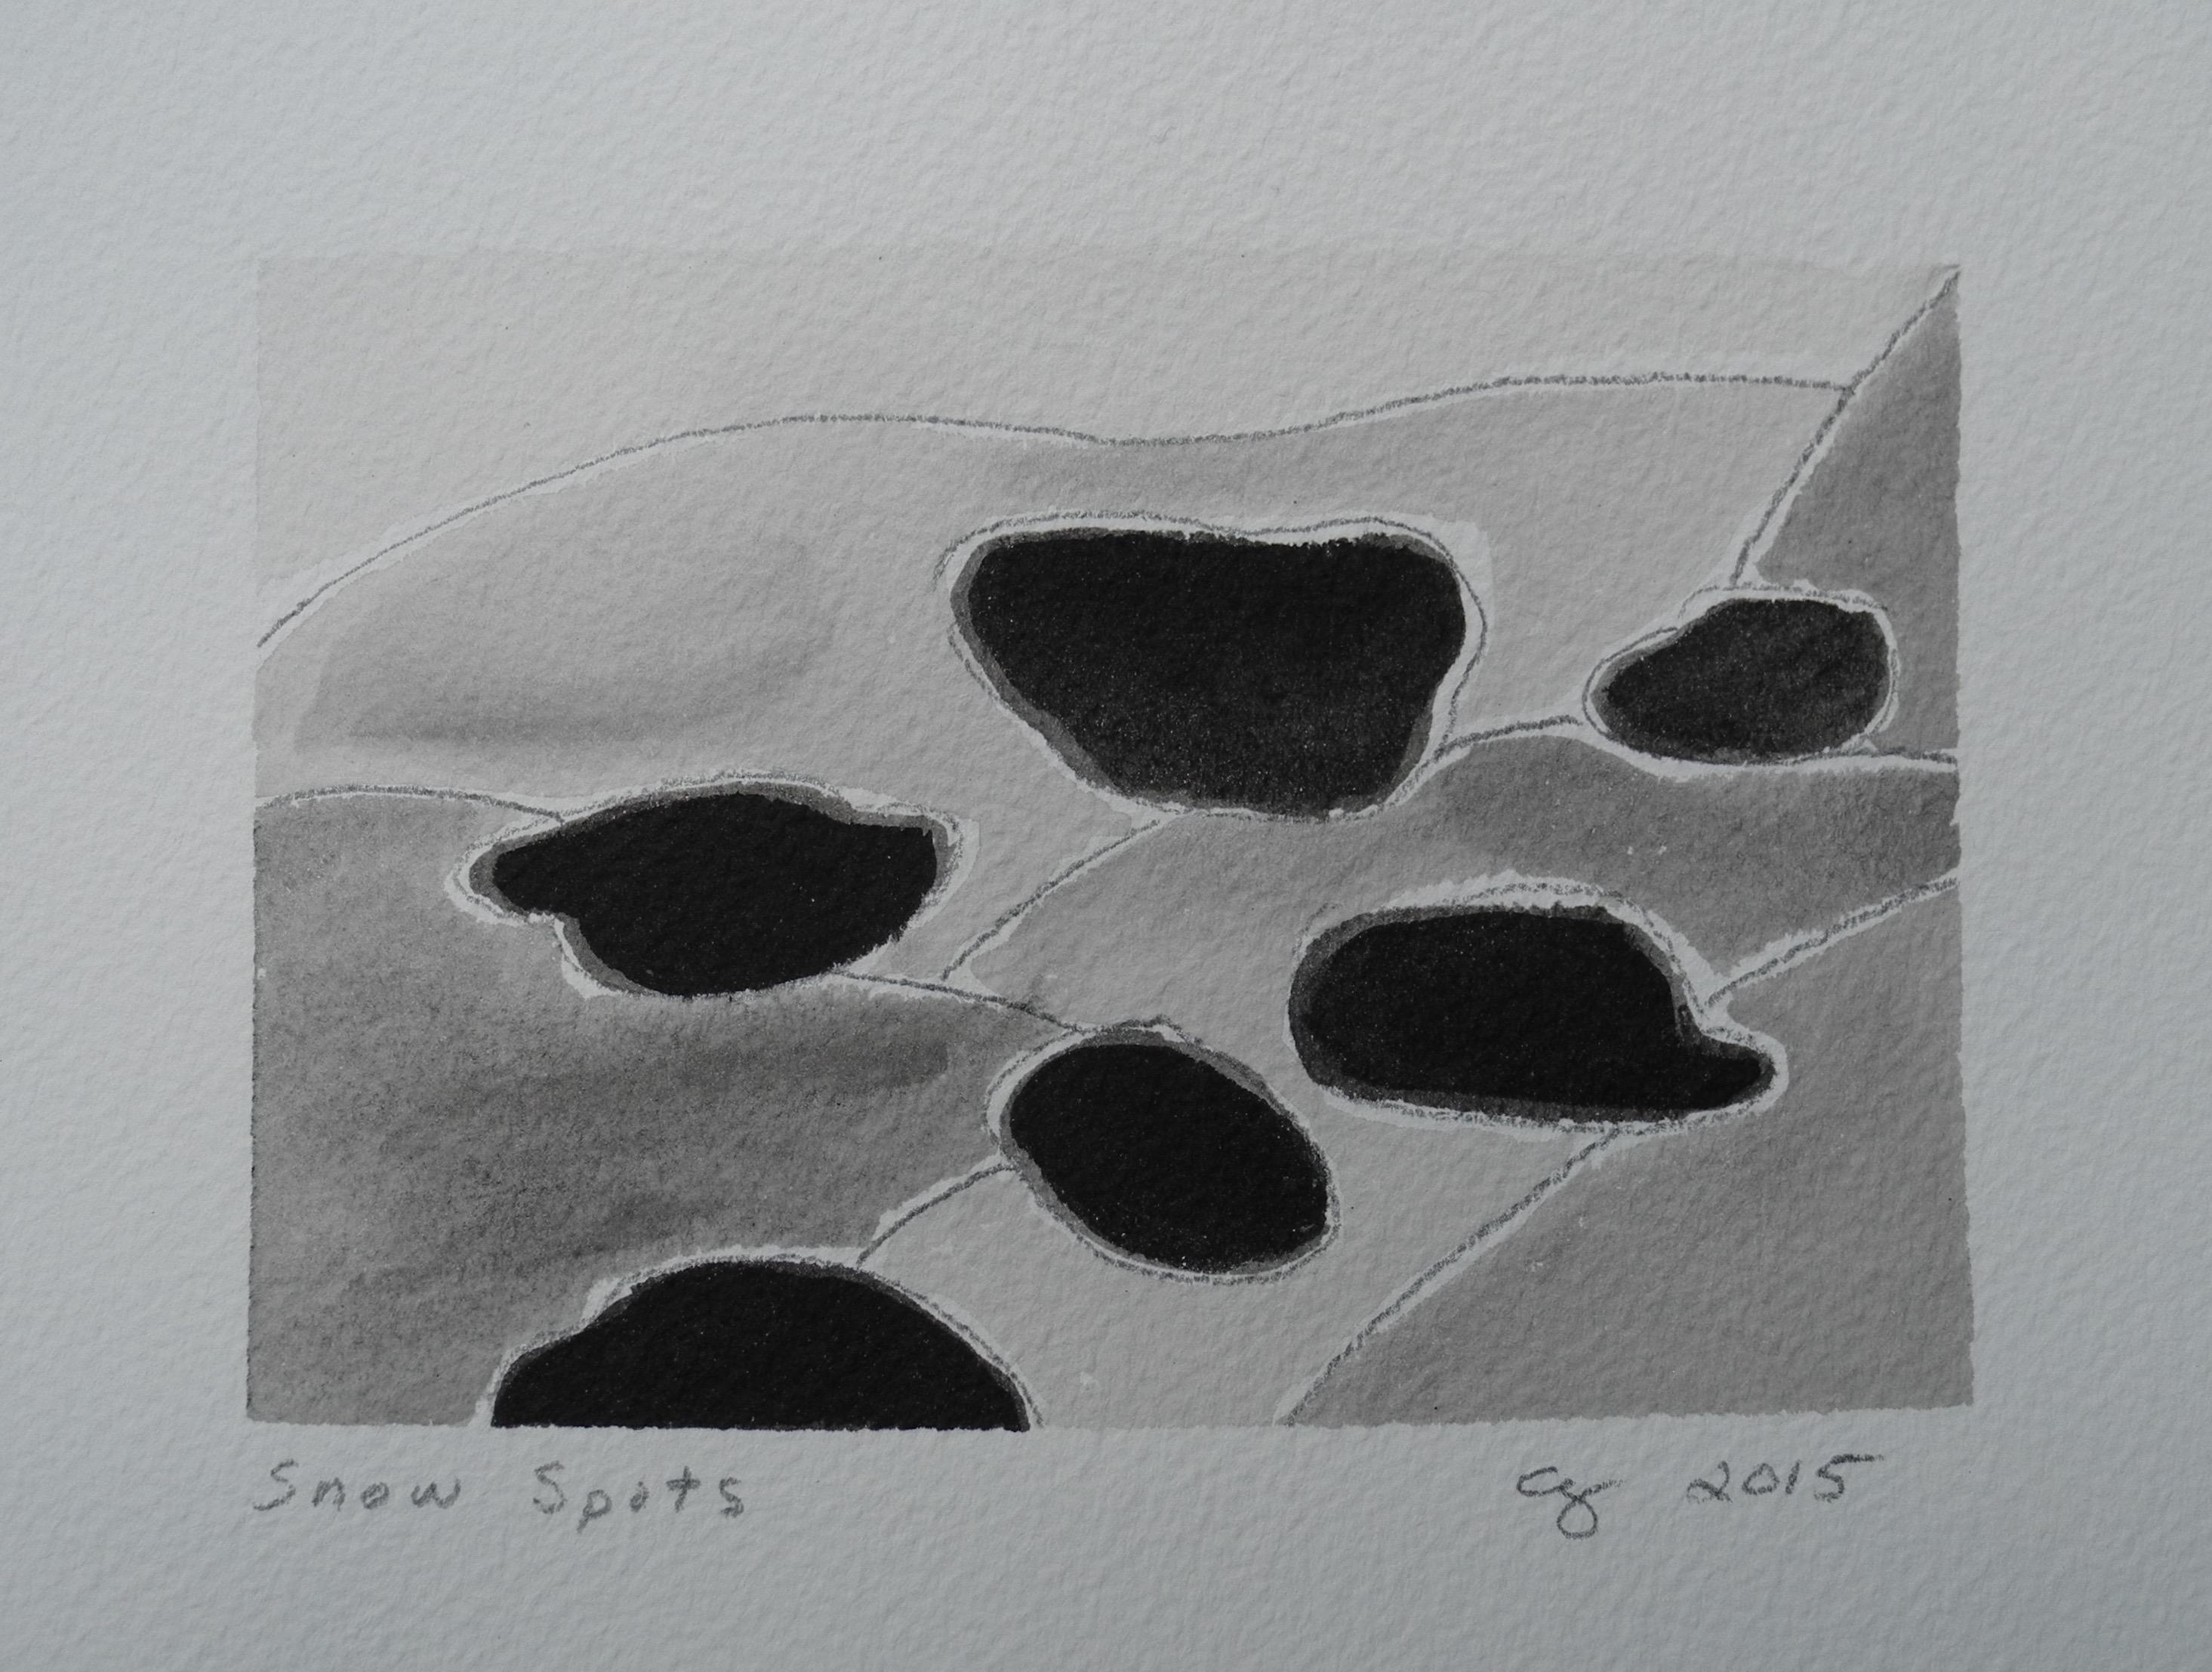 Snow Spots